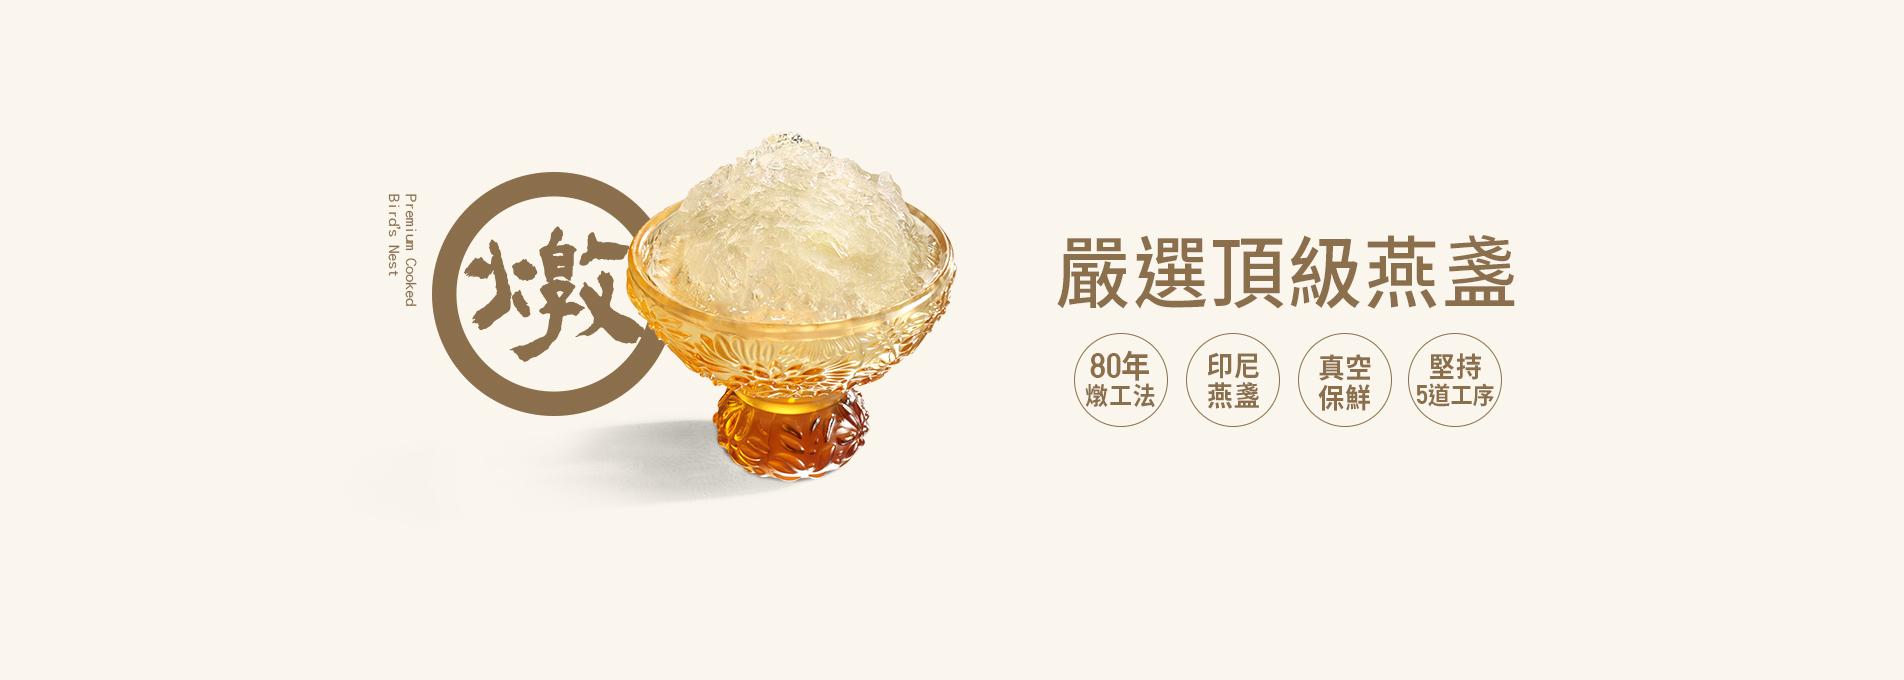 【入冬限定】燉燕窩禮盒(6入)5盒組